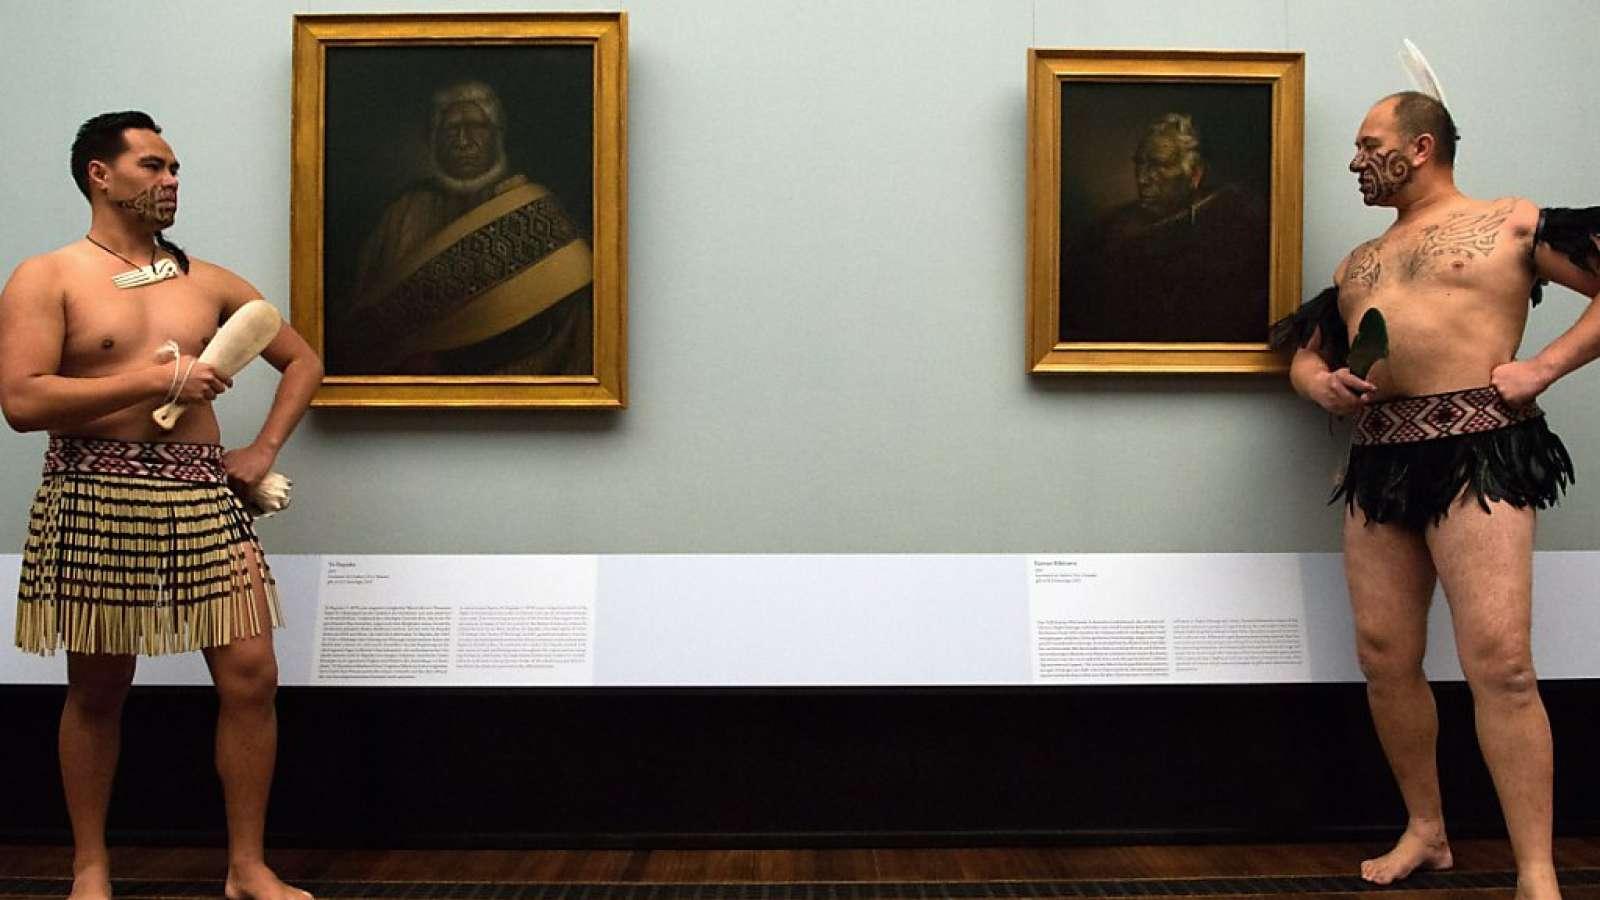 Gottfried Lindauers Maori-Portraits wurden spektakulär aus einer Galerie im neuseeländischen Auckland entwendet. (Symbolbild)